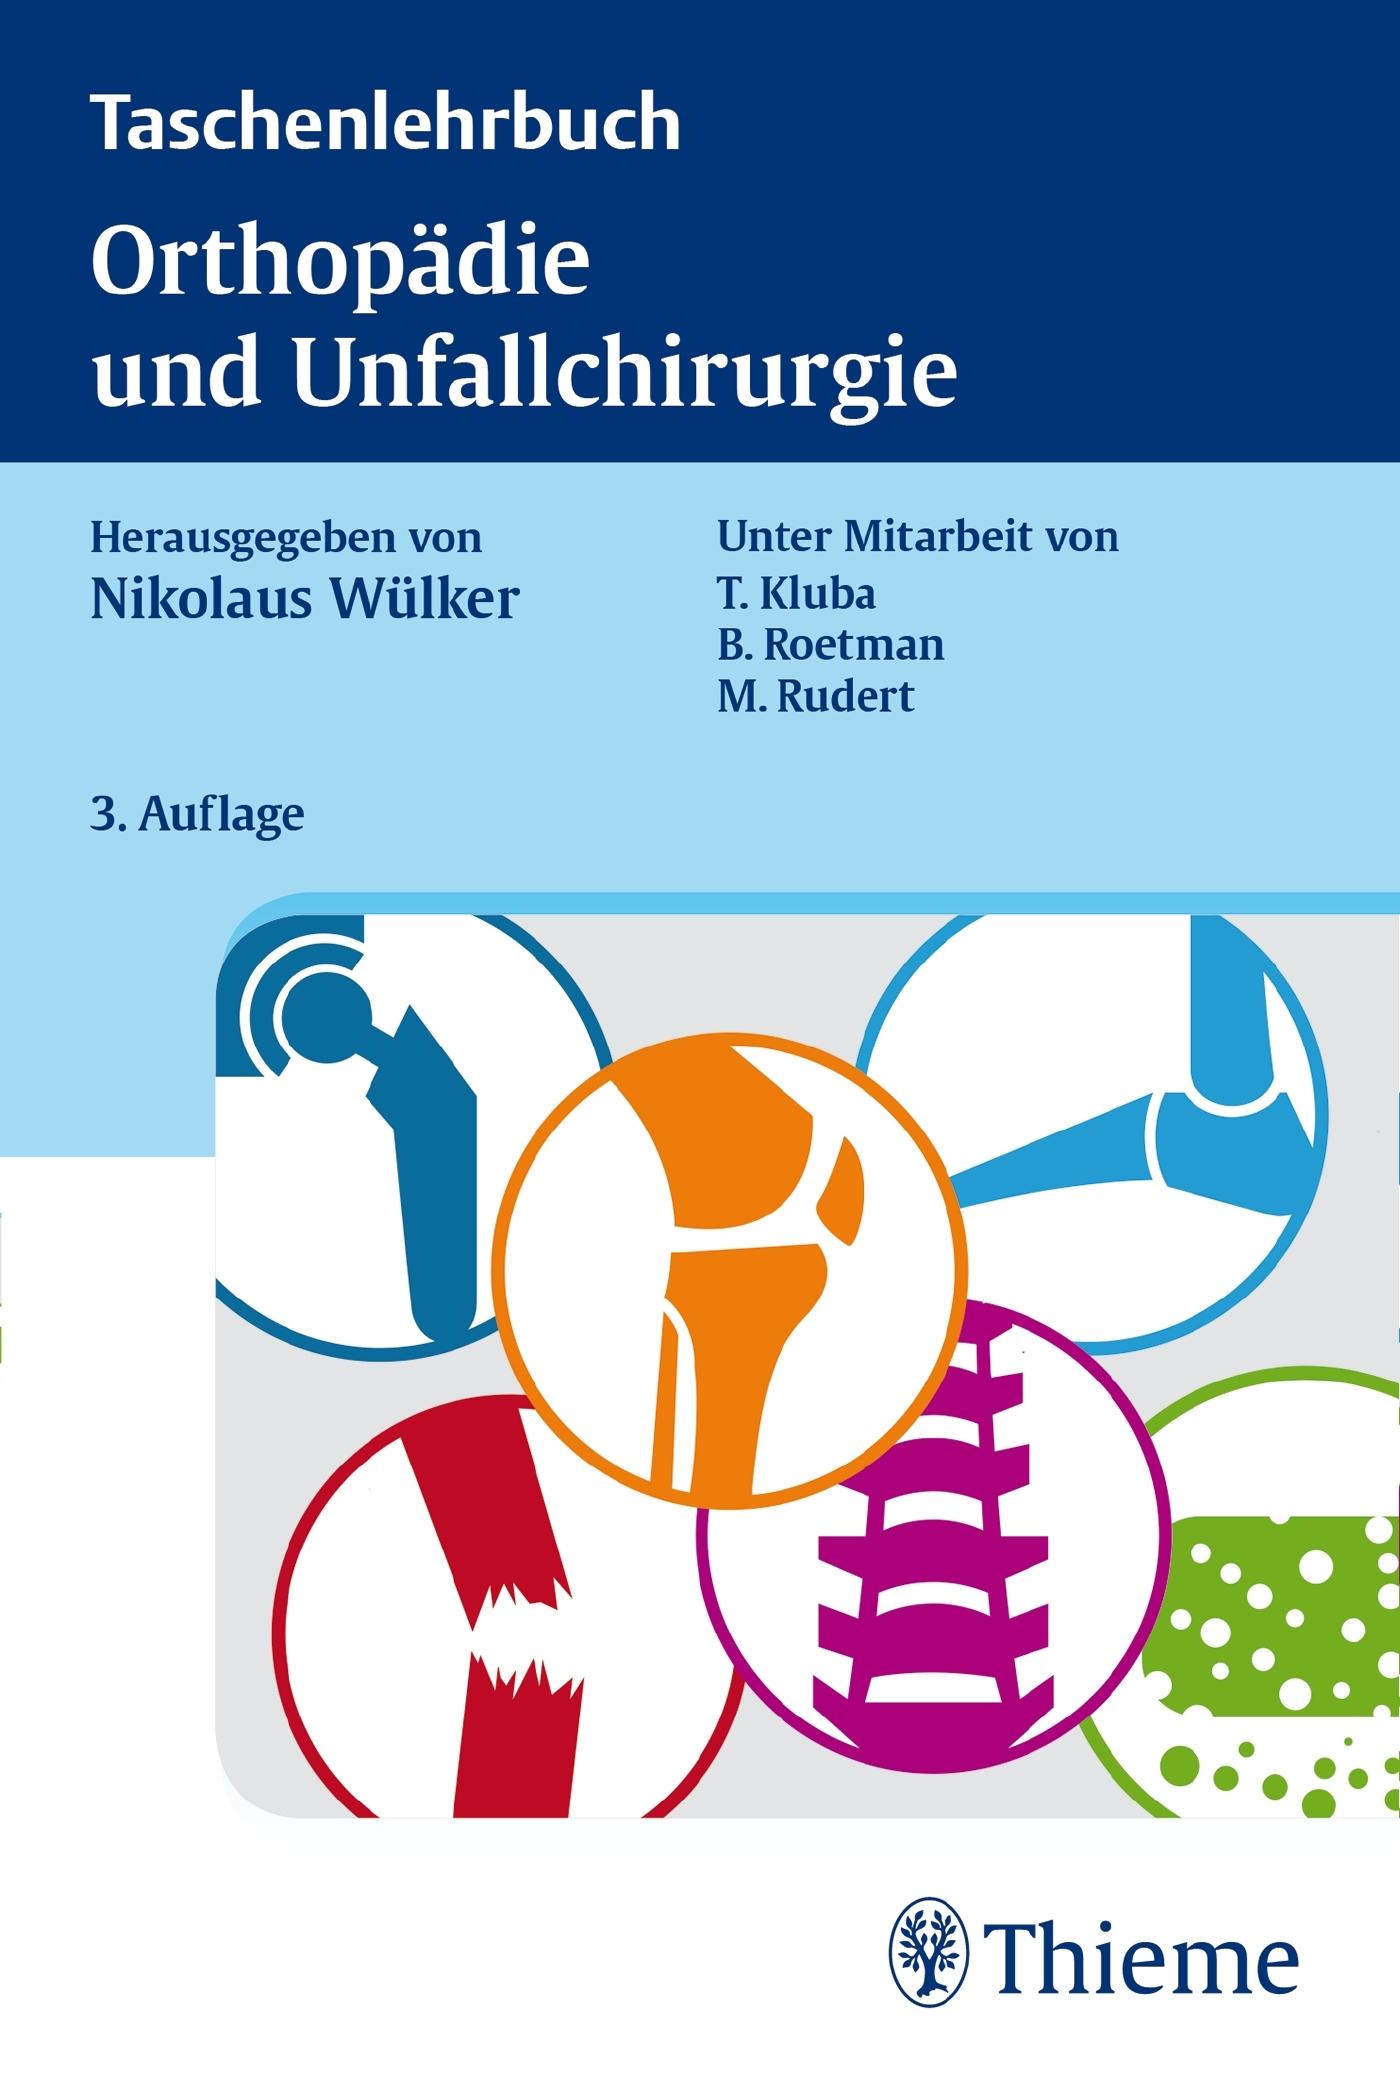 Ziemlich Anatomie Und Physiologie Lernmittel Galerie - Menschliche ...